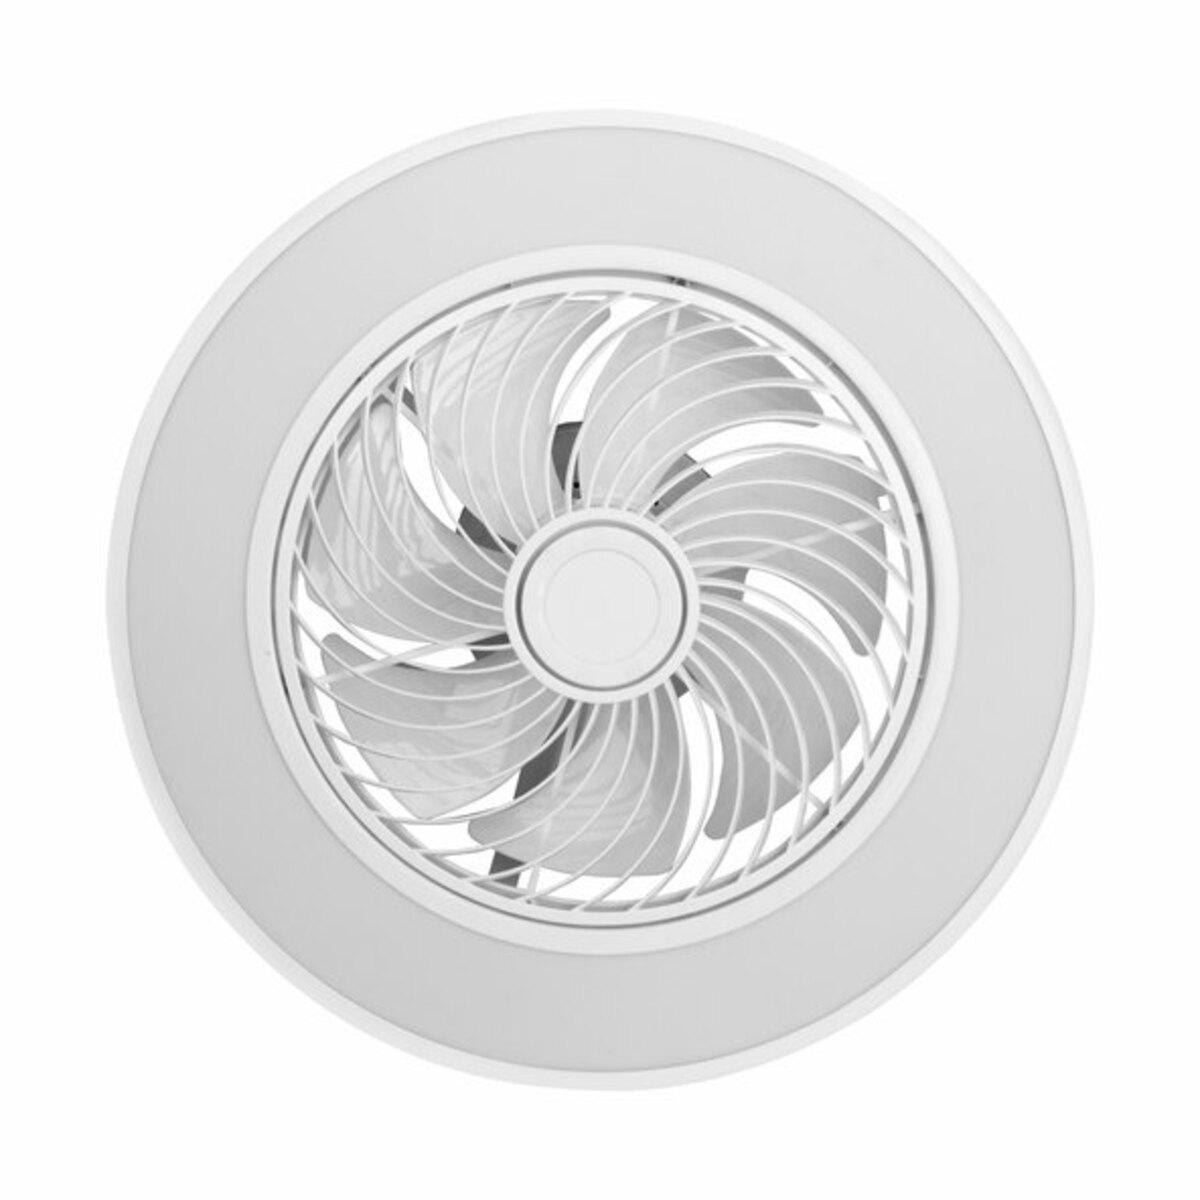 Bild 5 von Deckenleuchte Ventilator